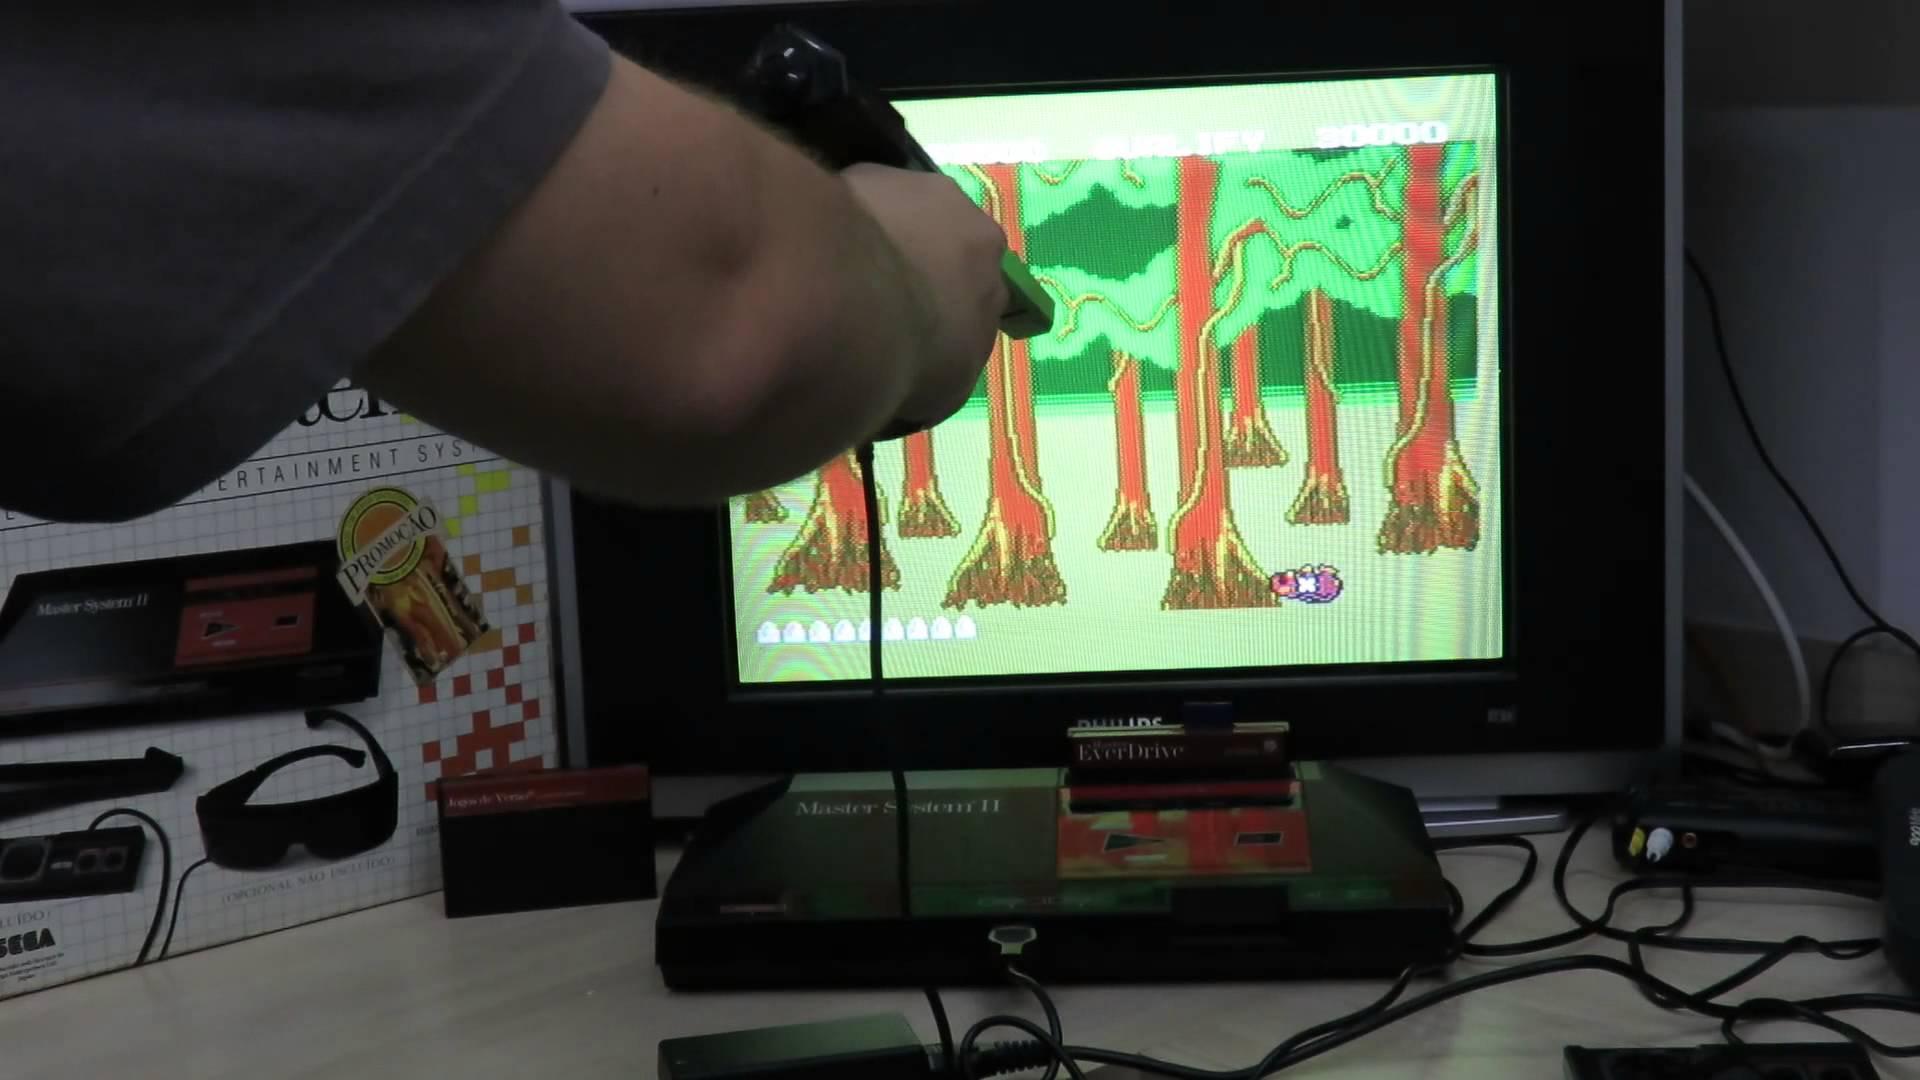 光枪游戏的发展历程,几乎等同于整个电子游戏史